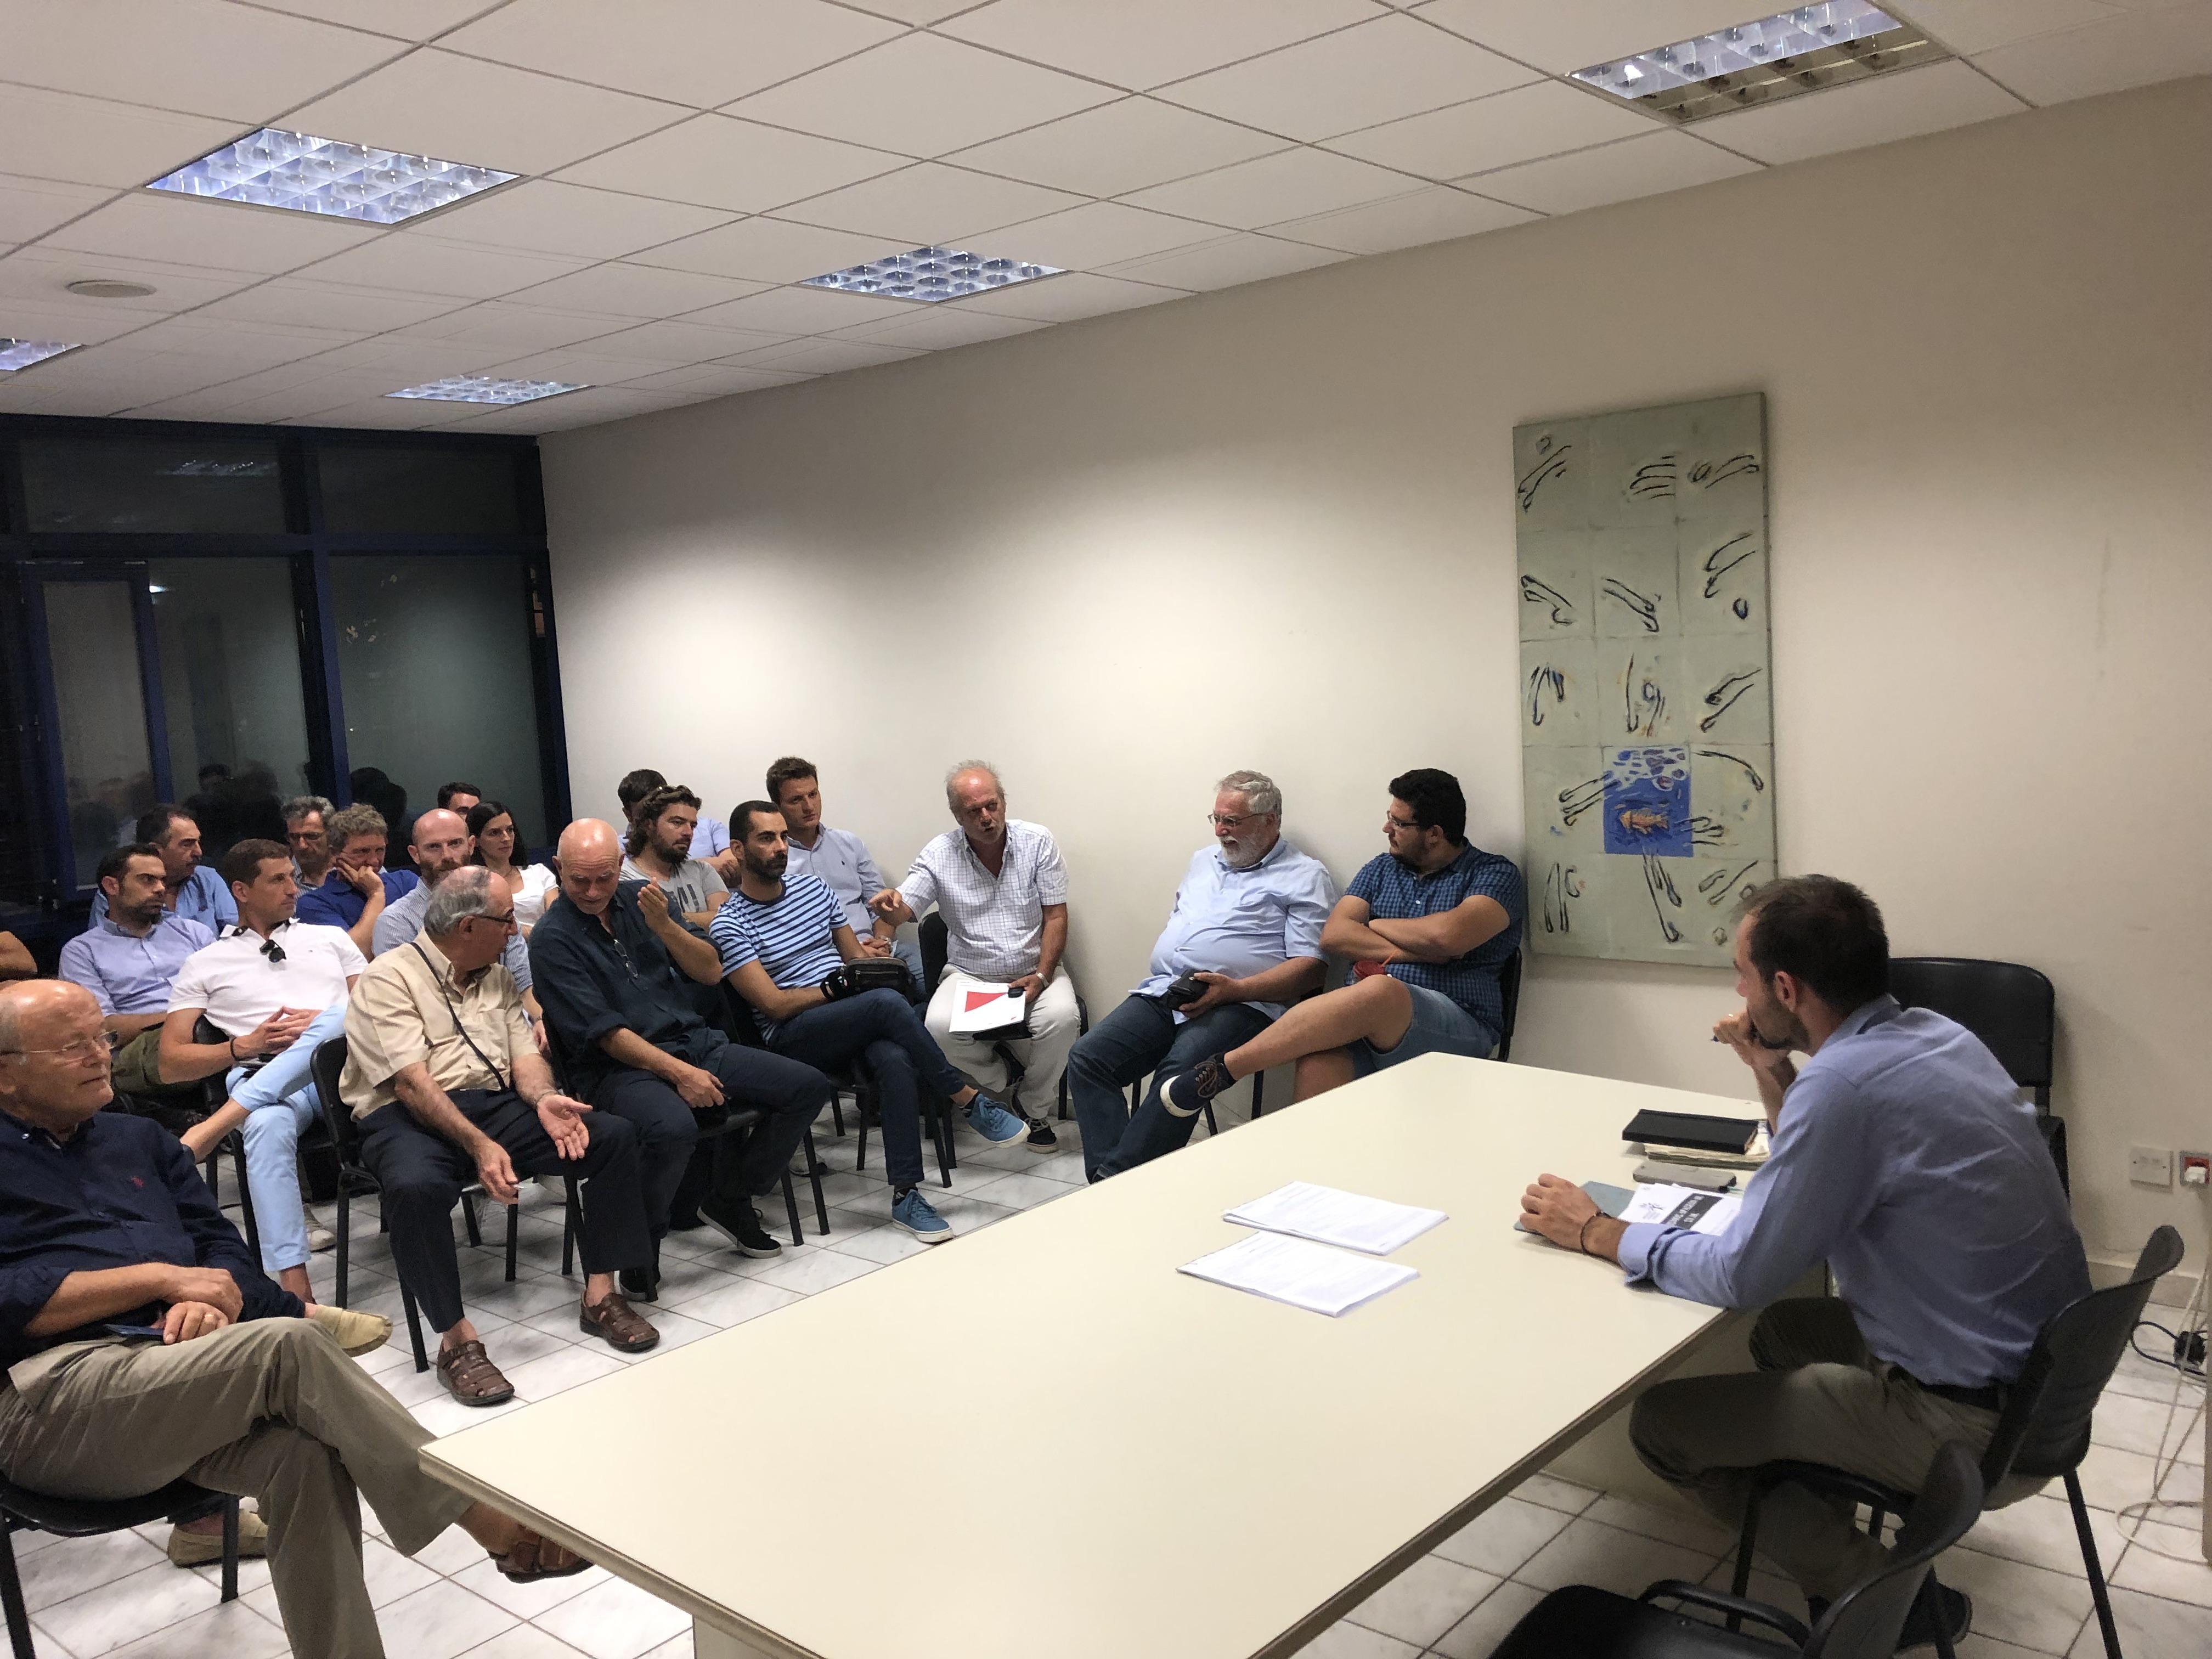 Εκδήλωση για τον απολογισμό δράσεων του ΤΕΕ στη Θεσσαλονίκη